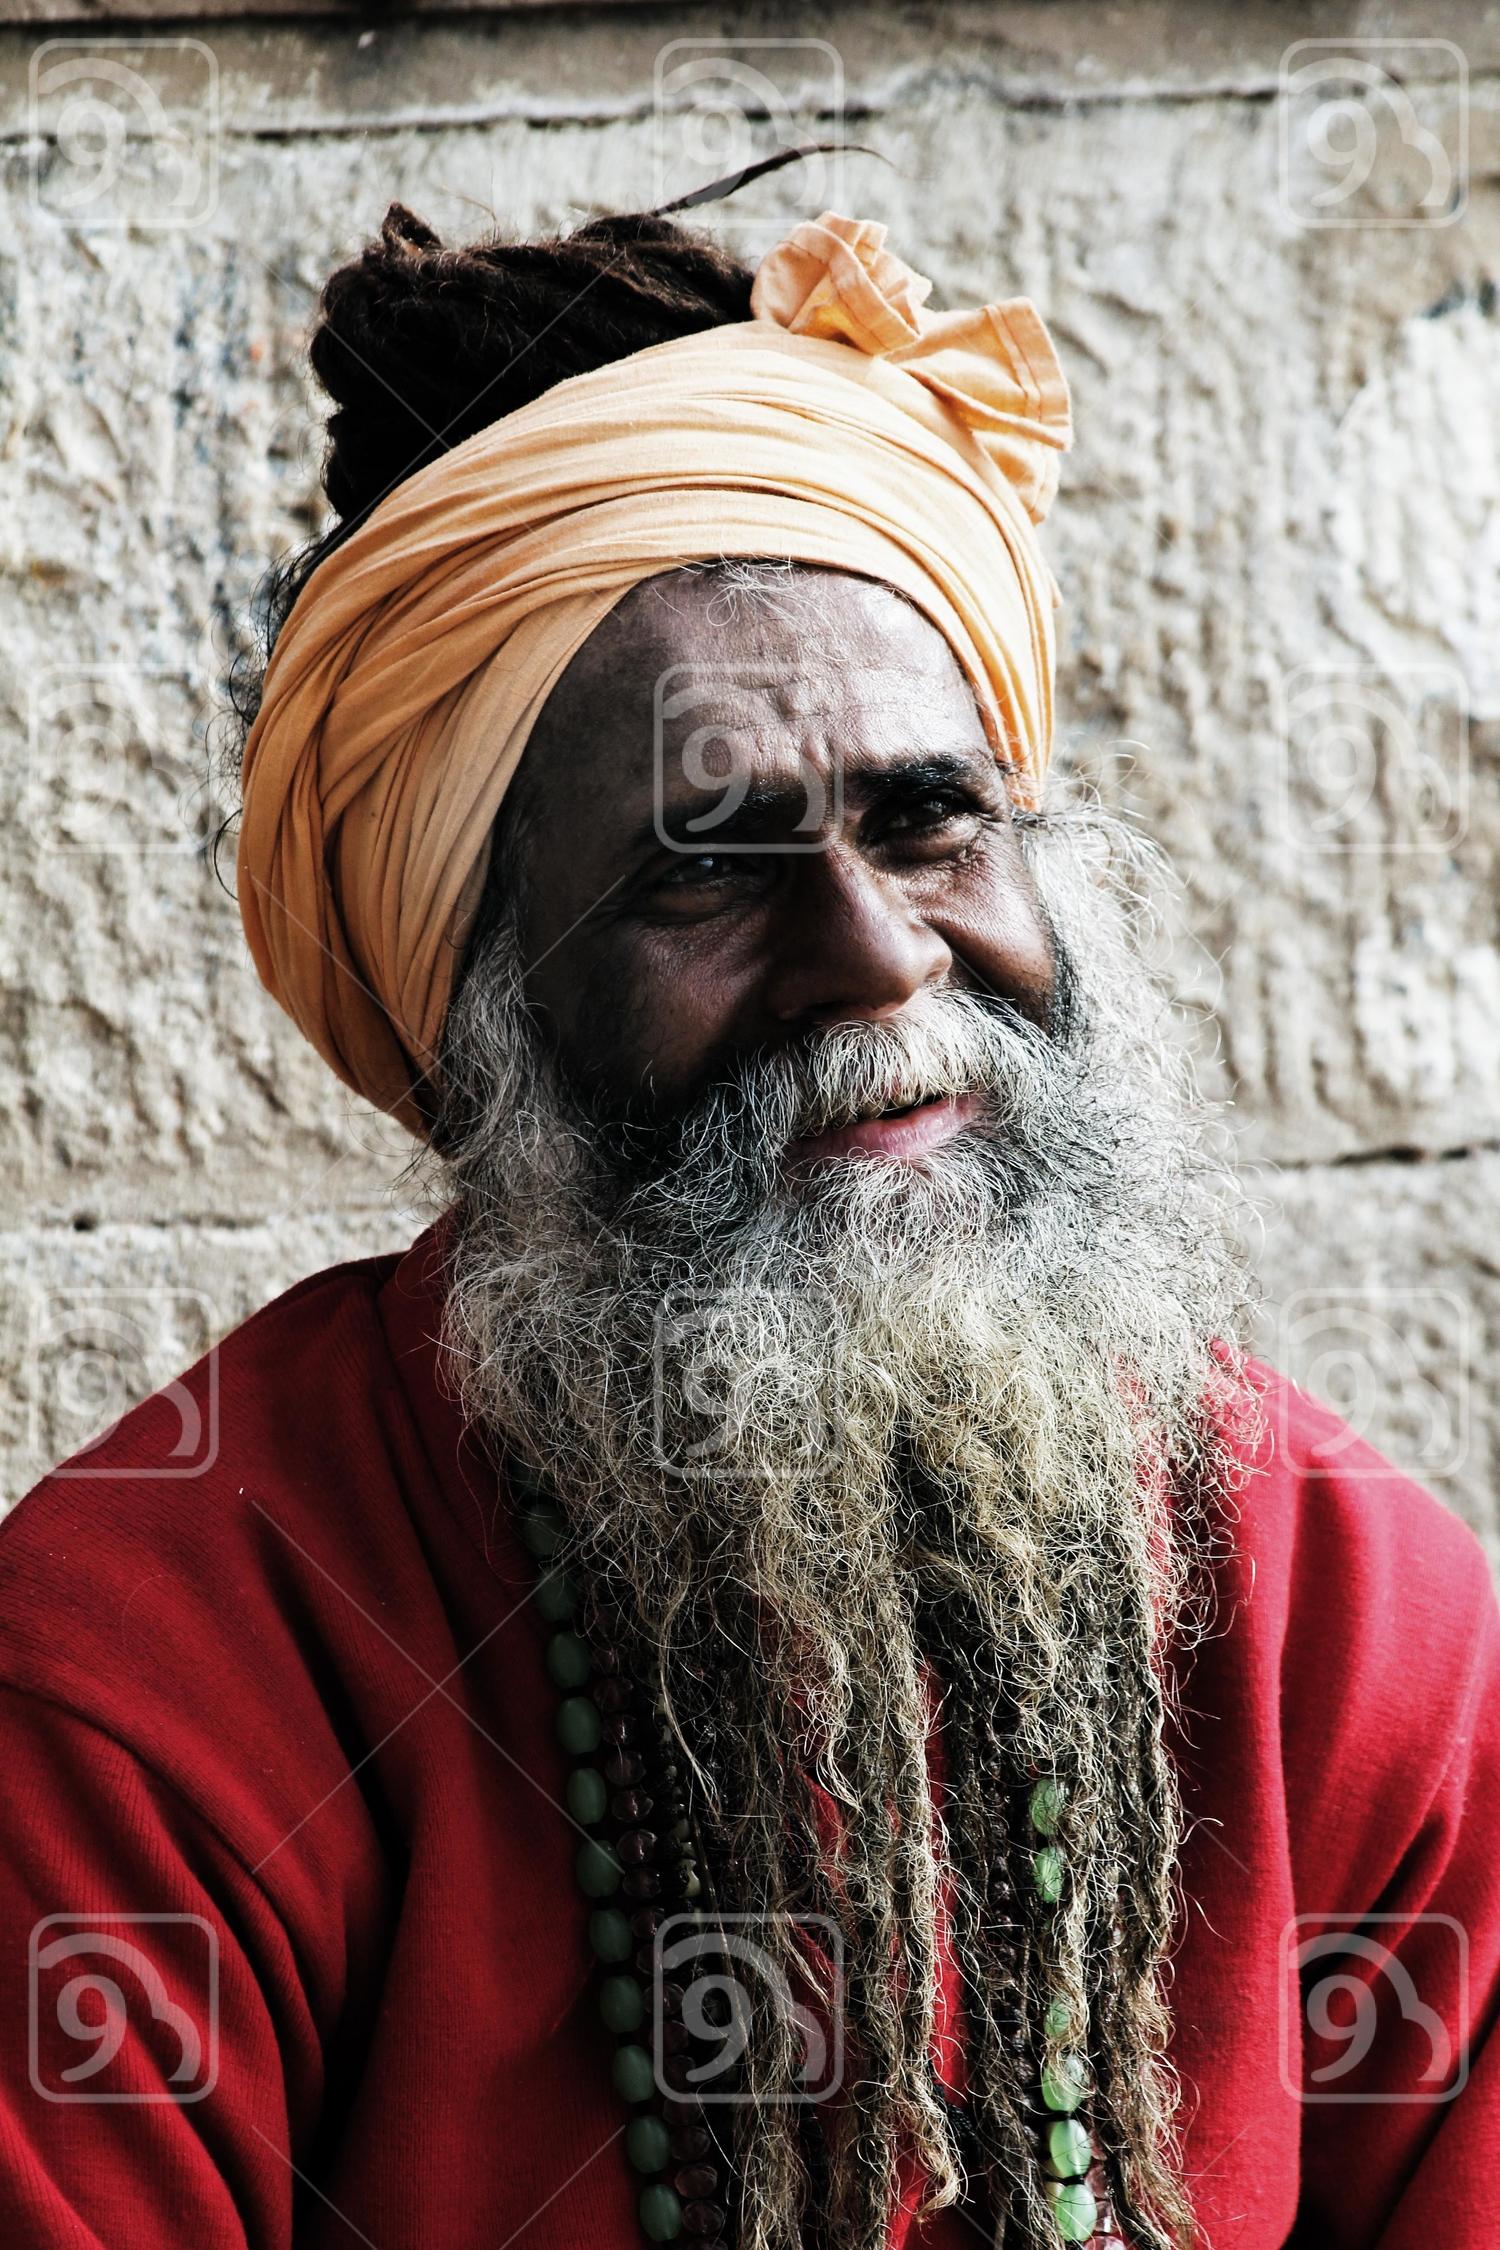 Saint of Varanashi